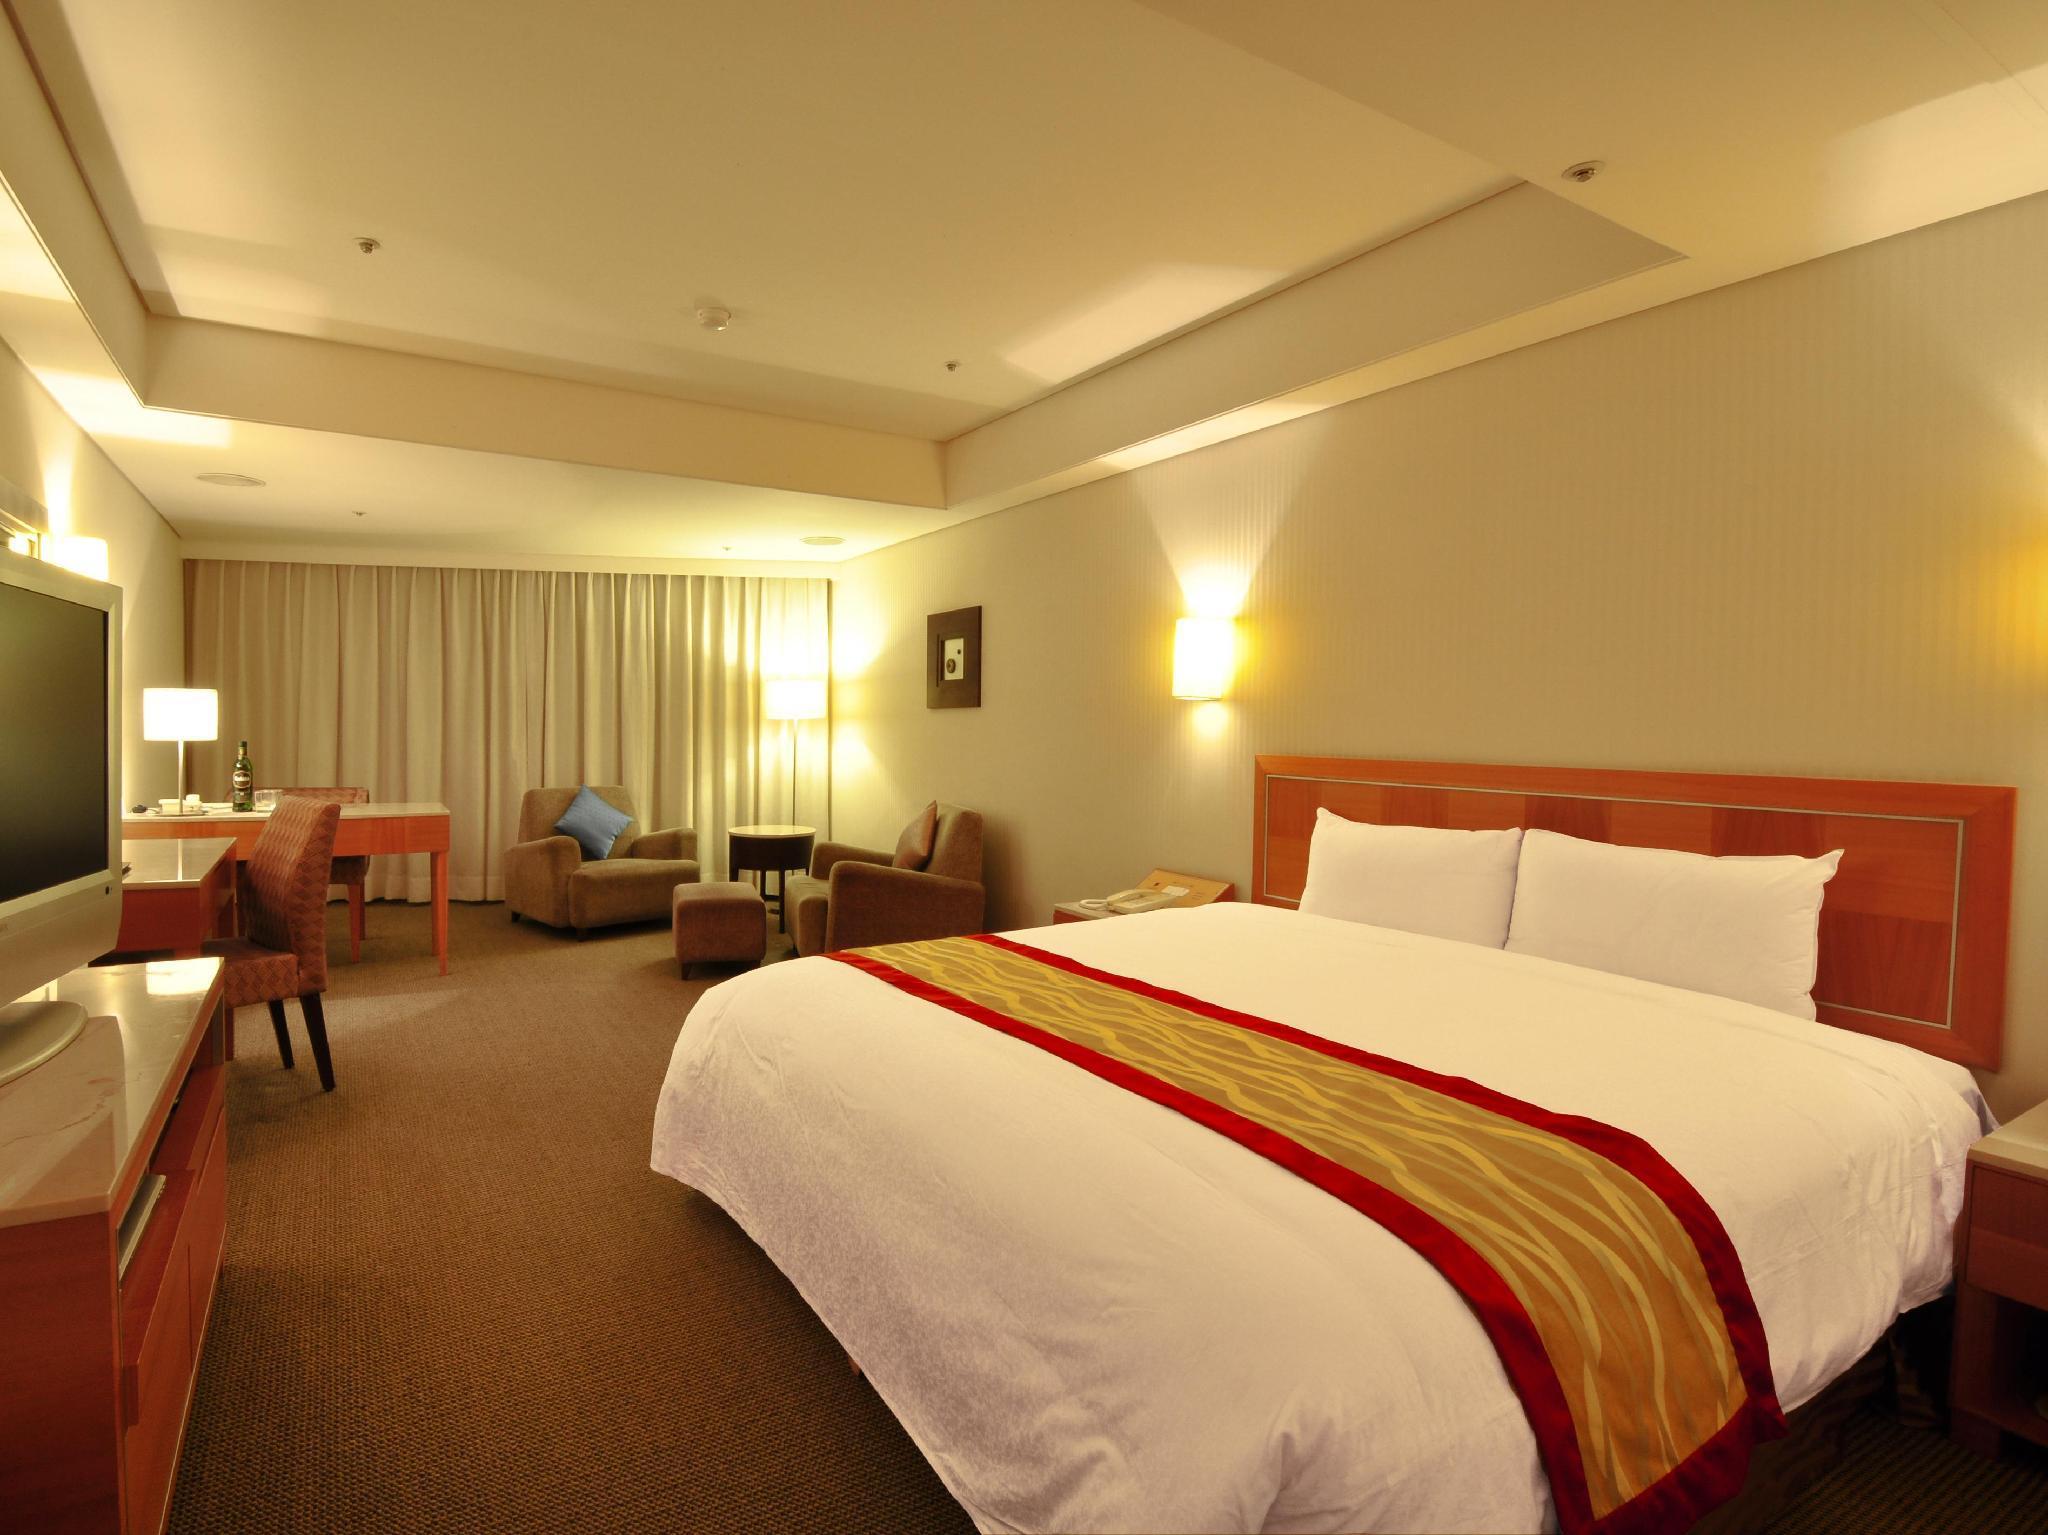 臺北市板橋馥華飯店 (Banqiao Forward Hotel) - Agoda 提供行程前一刻網上即時優惠價格訂房服務